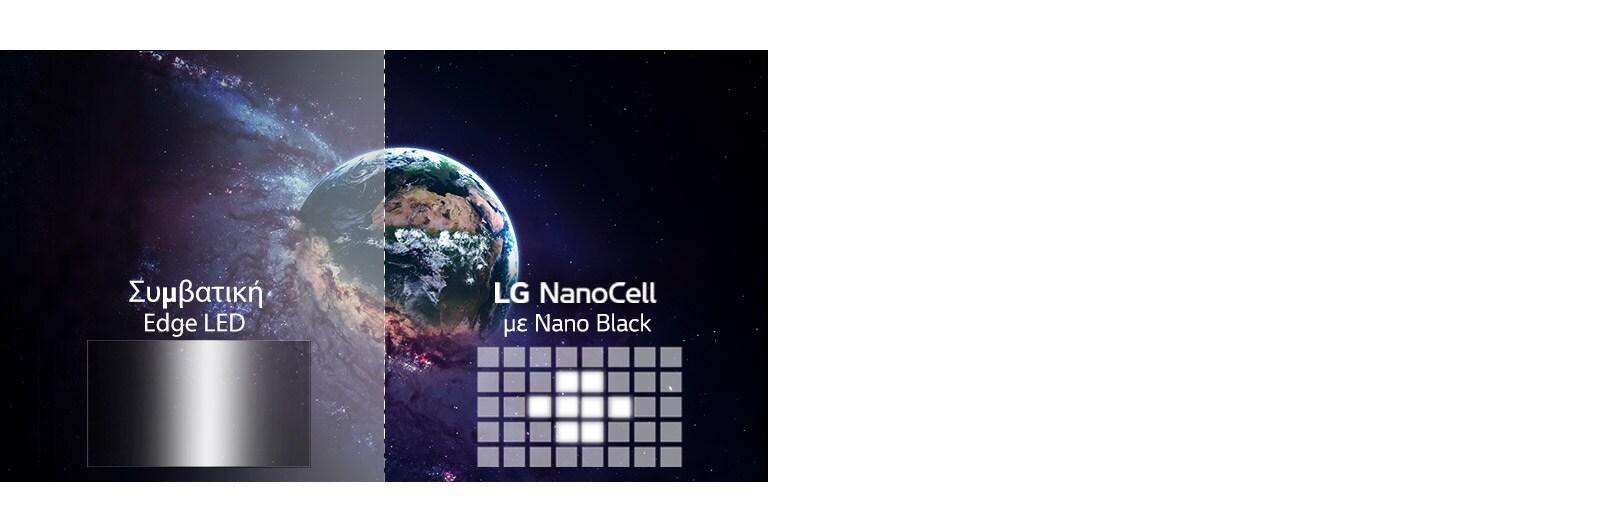 Σύγκριση ποιότητας εικόνας μεταξύ χρήσης συμβατικής μείωσης φωτισμού και τεχνολογίας Full Array Dimming, με αναφορά ένα πλάνο της υφηλίου